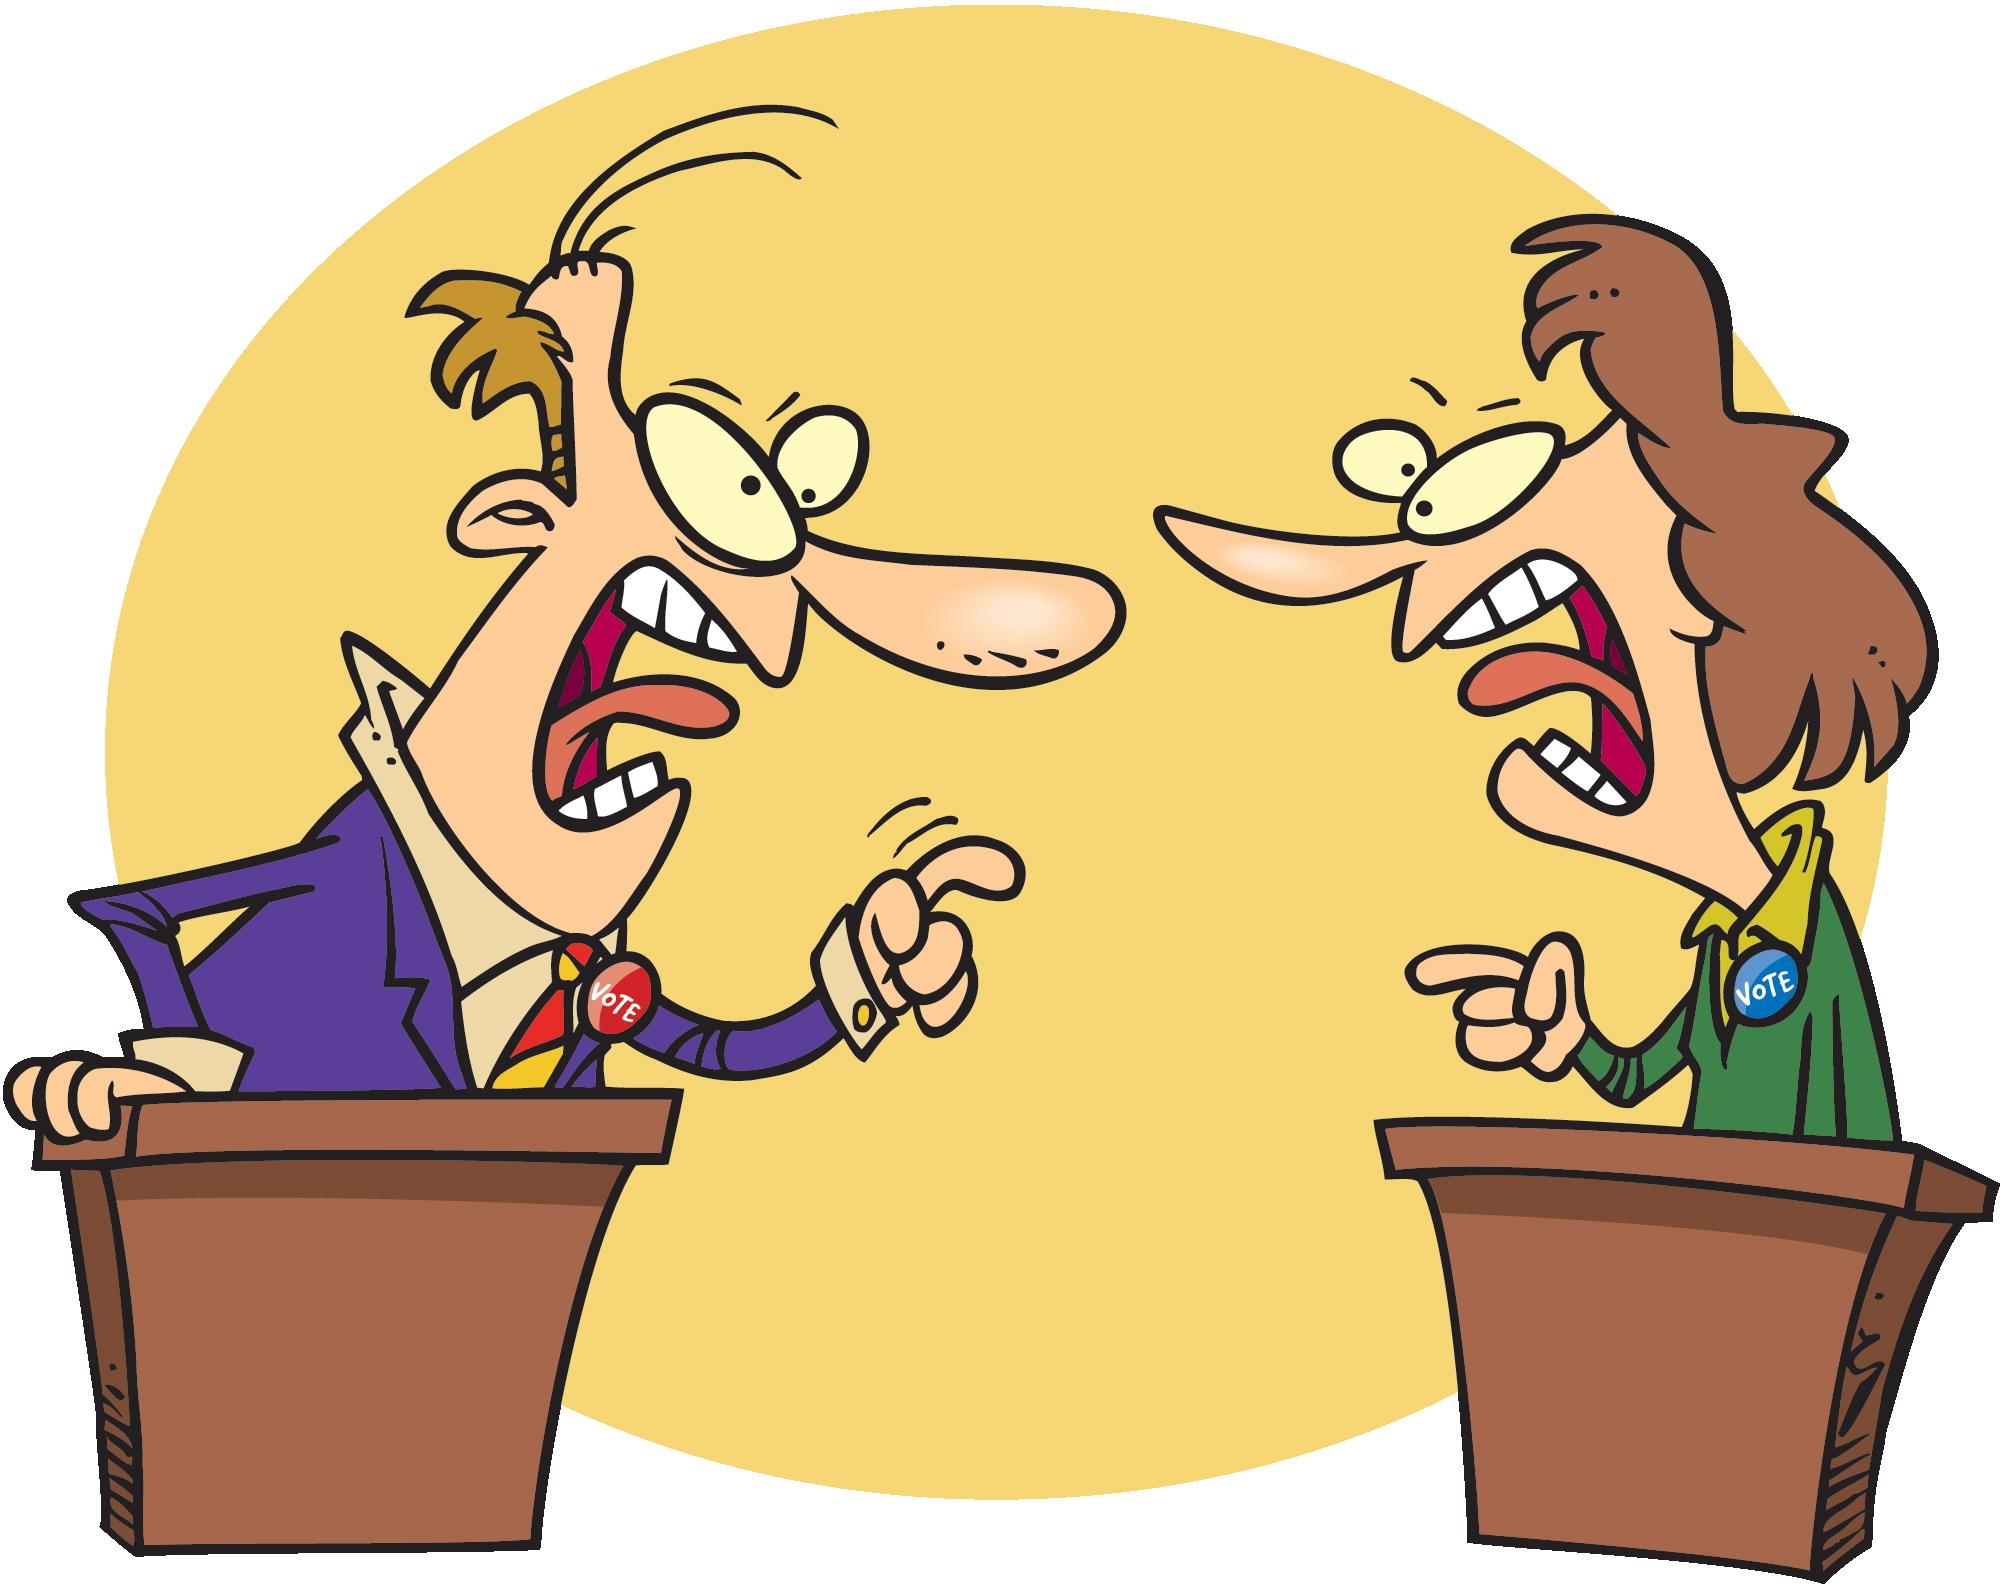 Debate Clip Art N2 free image.